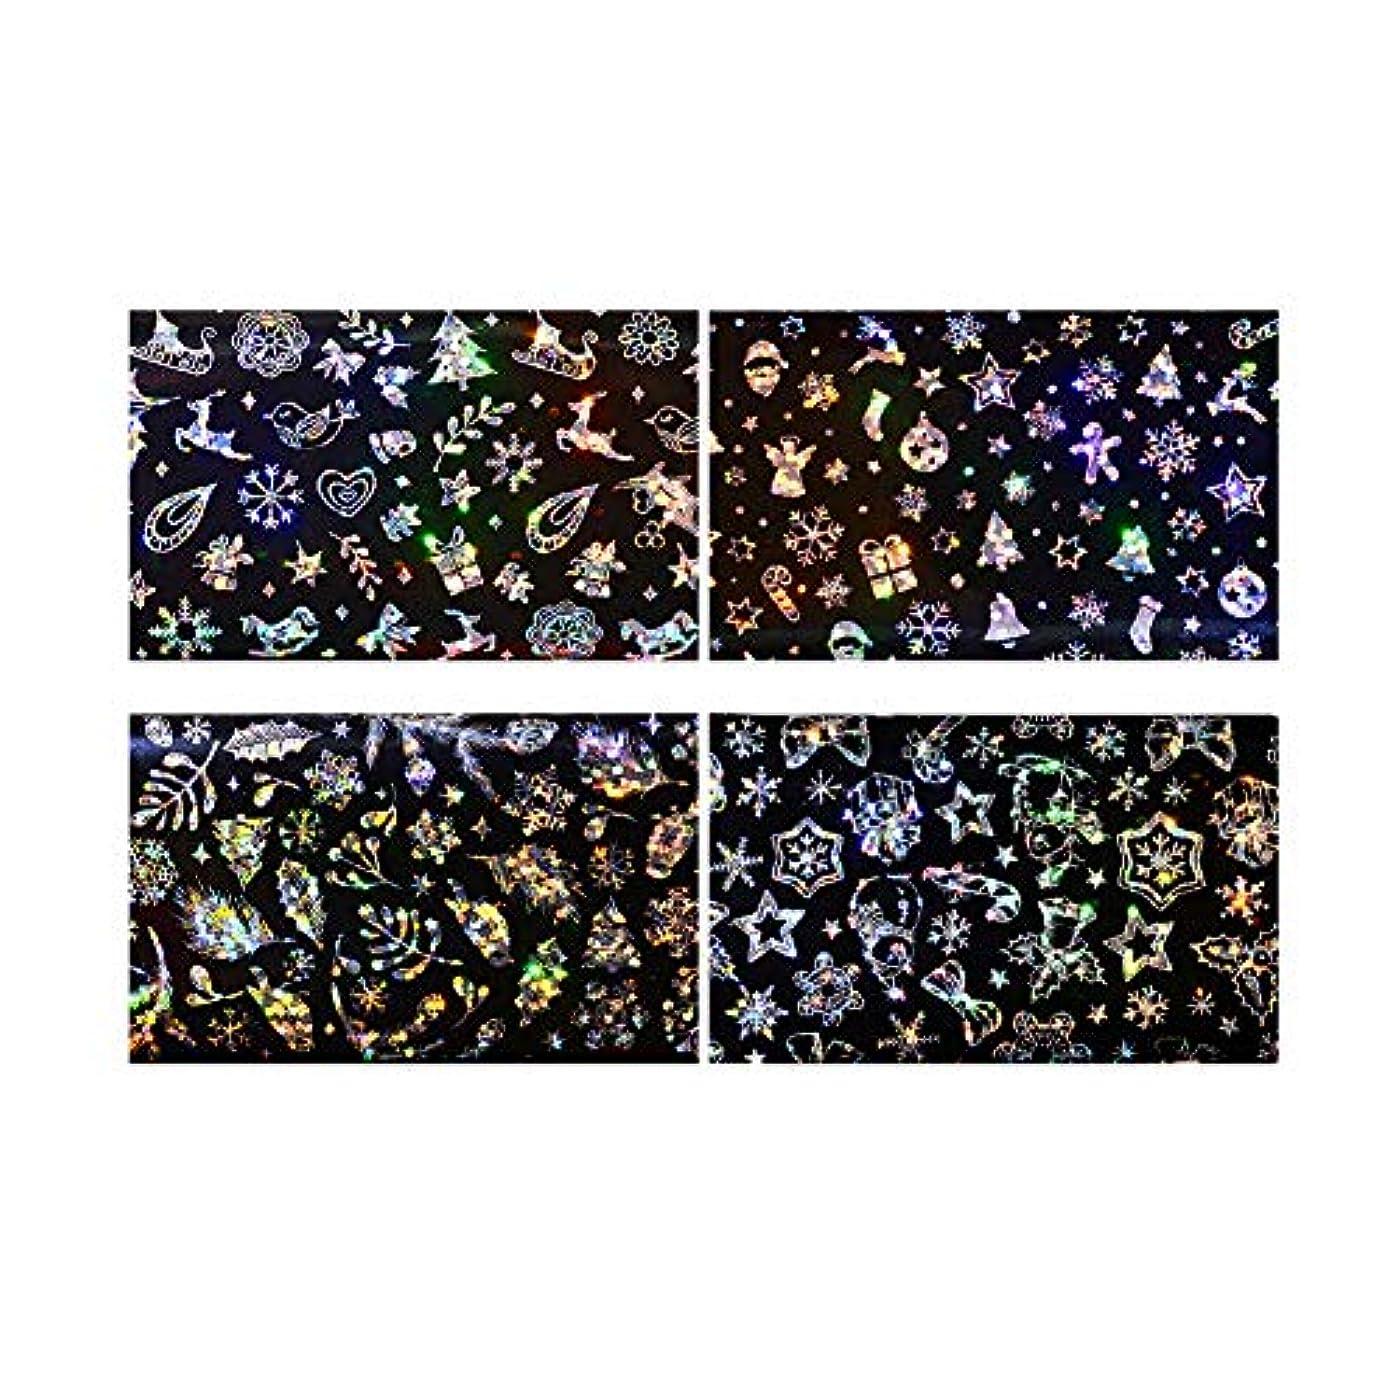 バケツ卵切り下げクリスマスグリッターネイルステッカー4枚のステッカーネイルステッカーはデザインフェスティバルの爪DIYの付属品ネイル